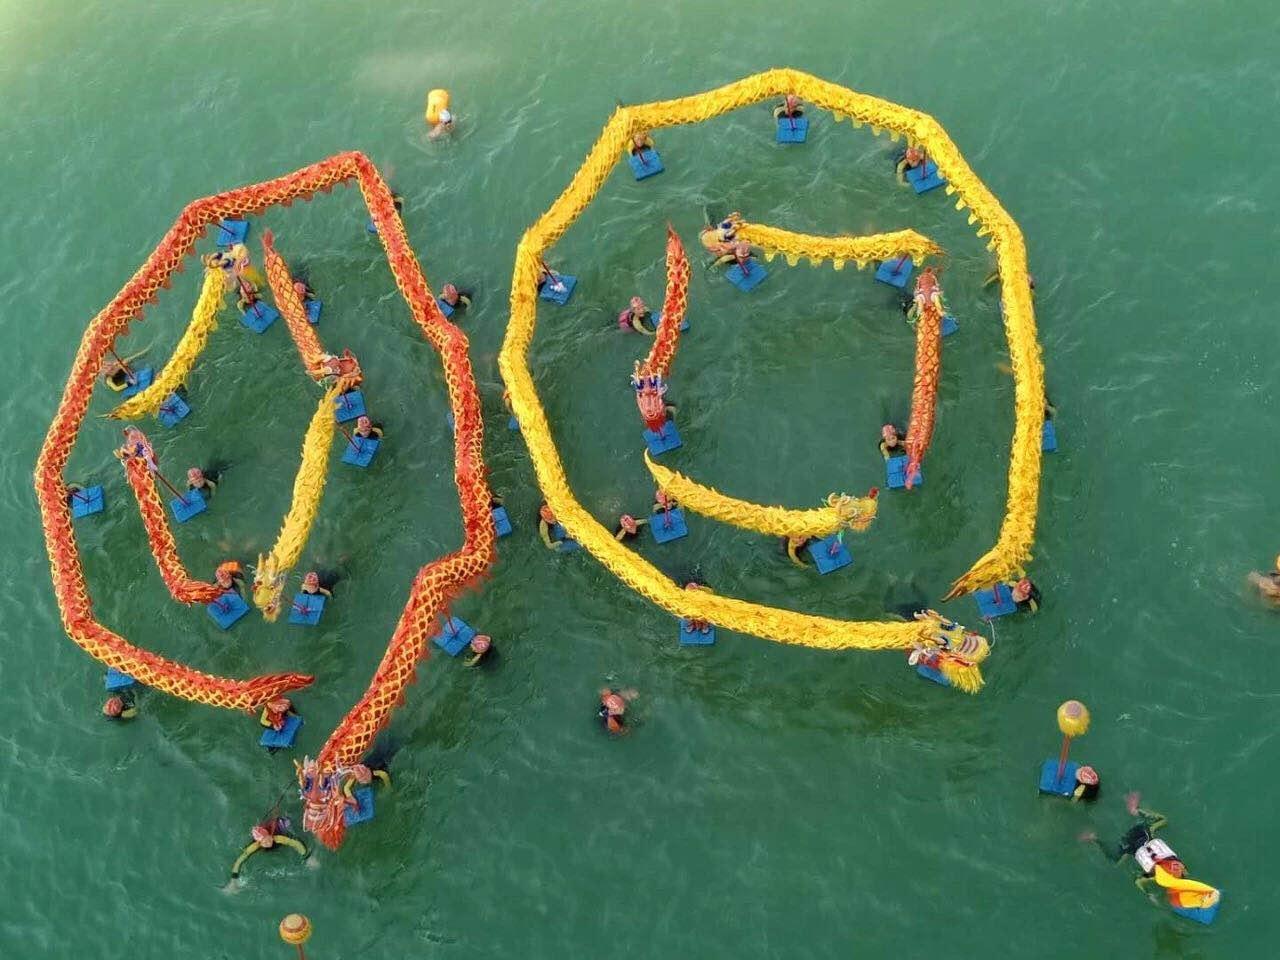 柳州金沙角_今年水狂节怎么嗨?这份总体方案新鲜出炉_柳州